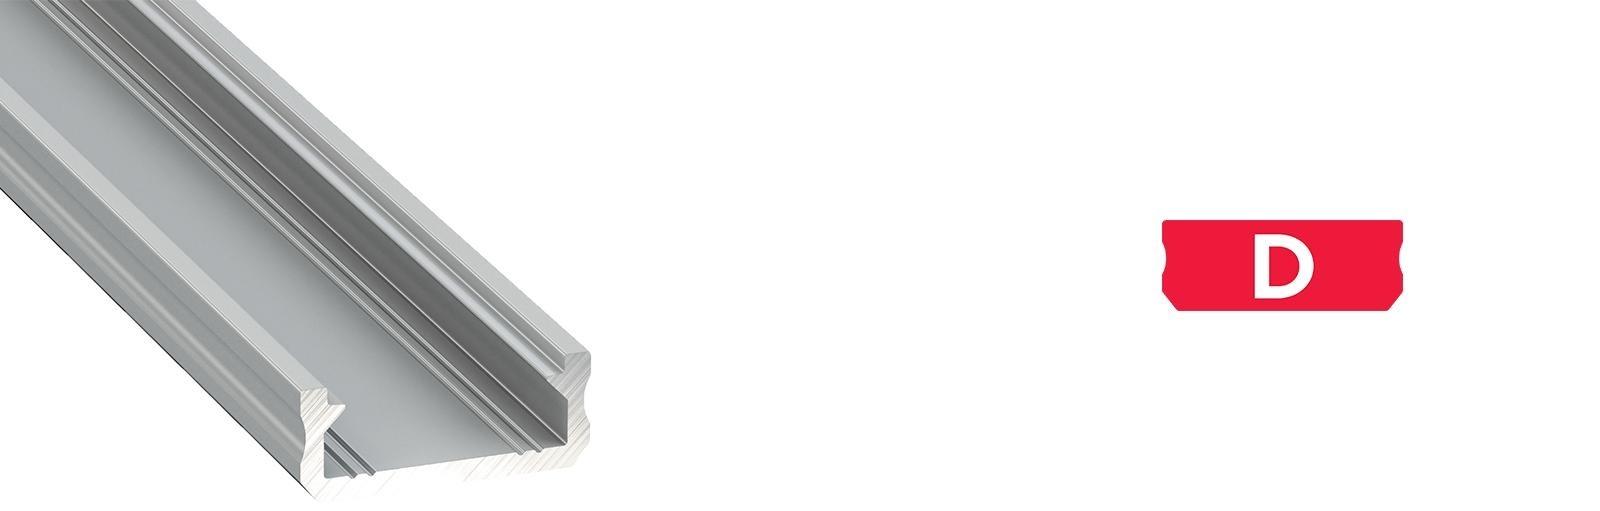 Profil LED płaski typ D